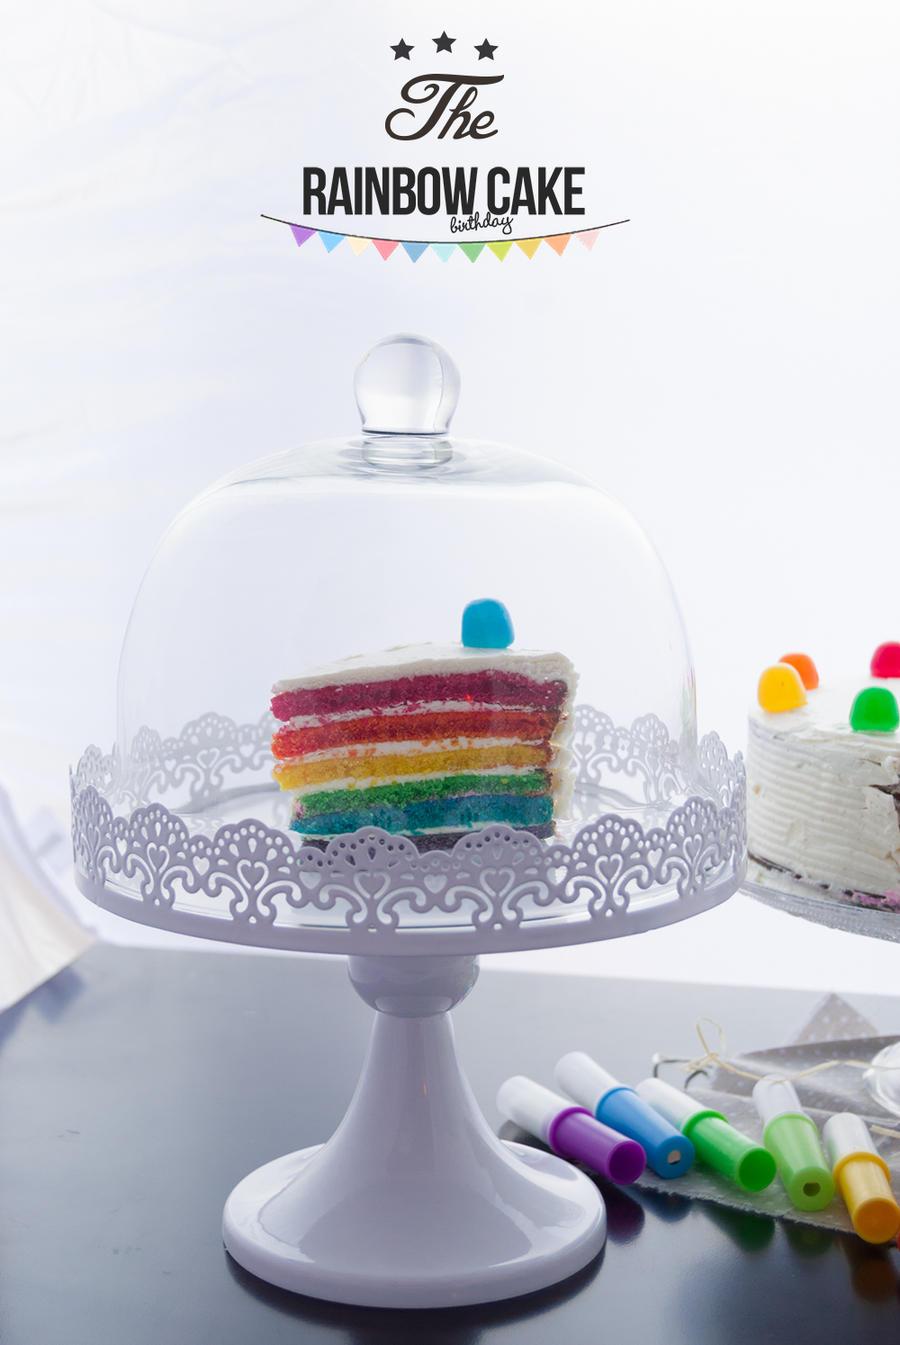 Rainbow Cake Recette Am Ef Bf Bdricaine